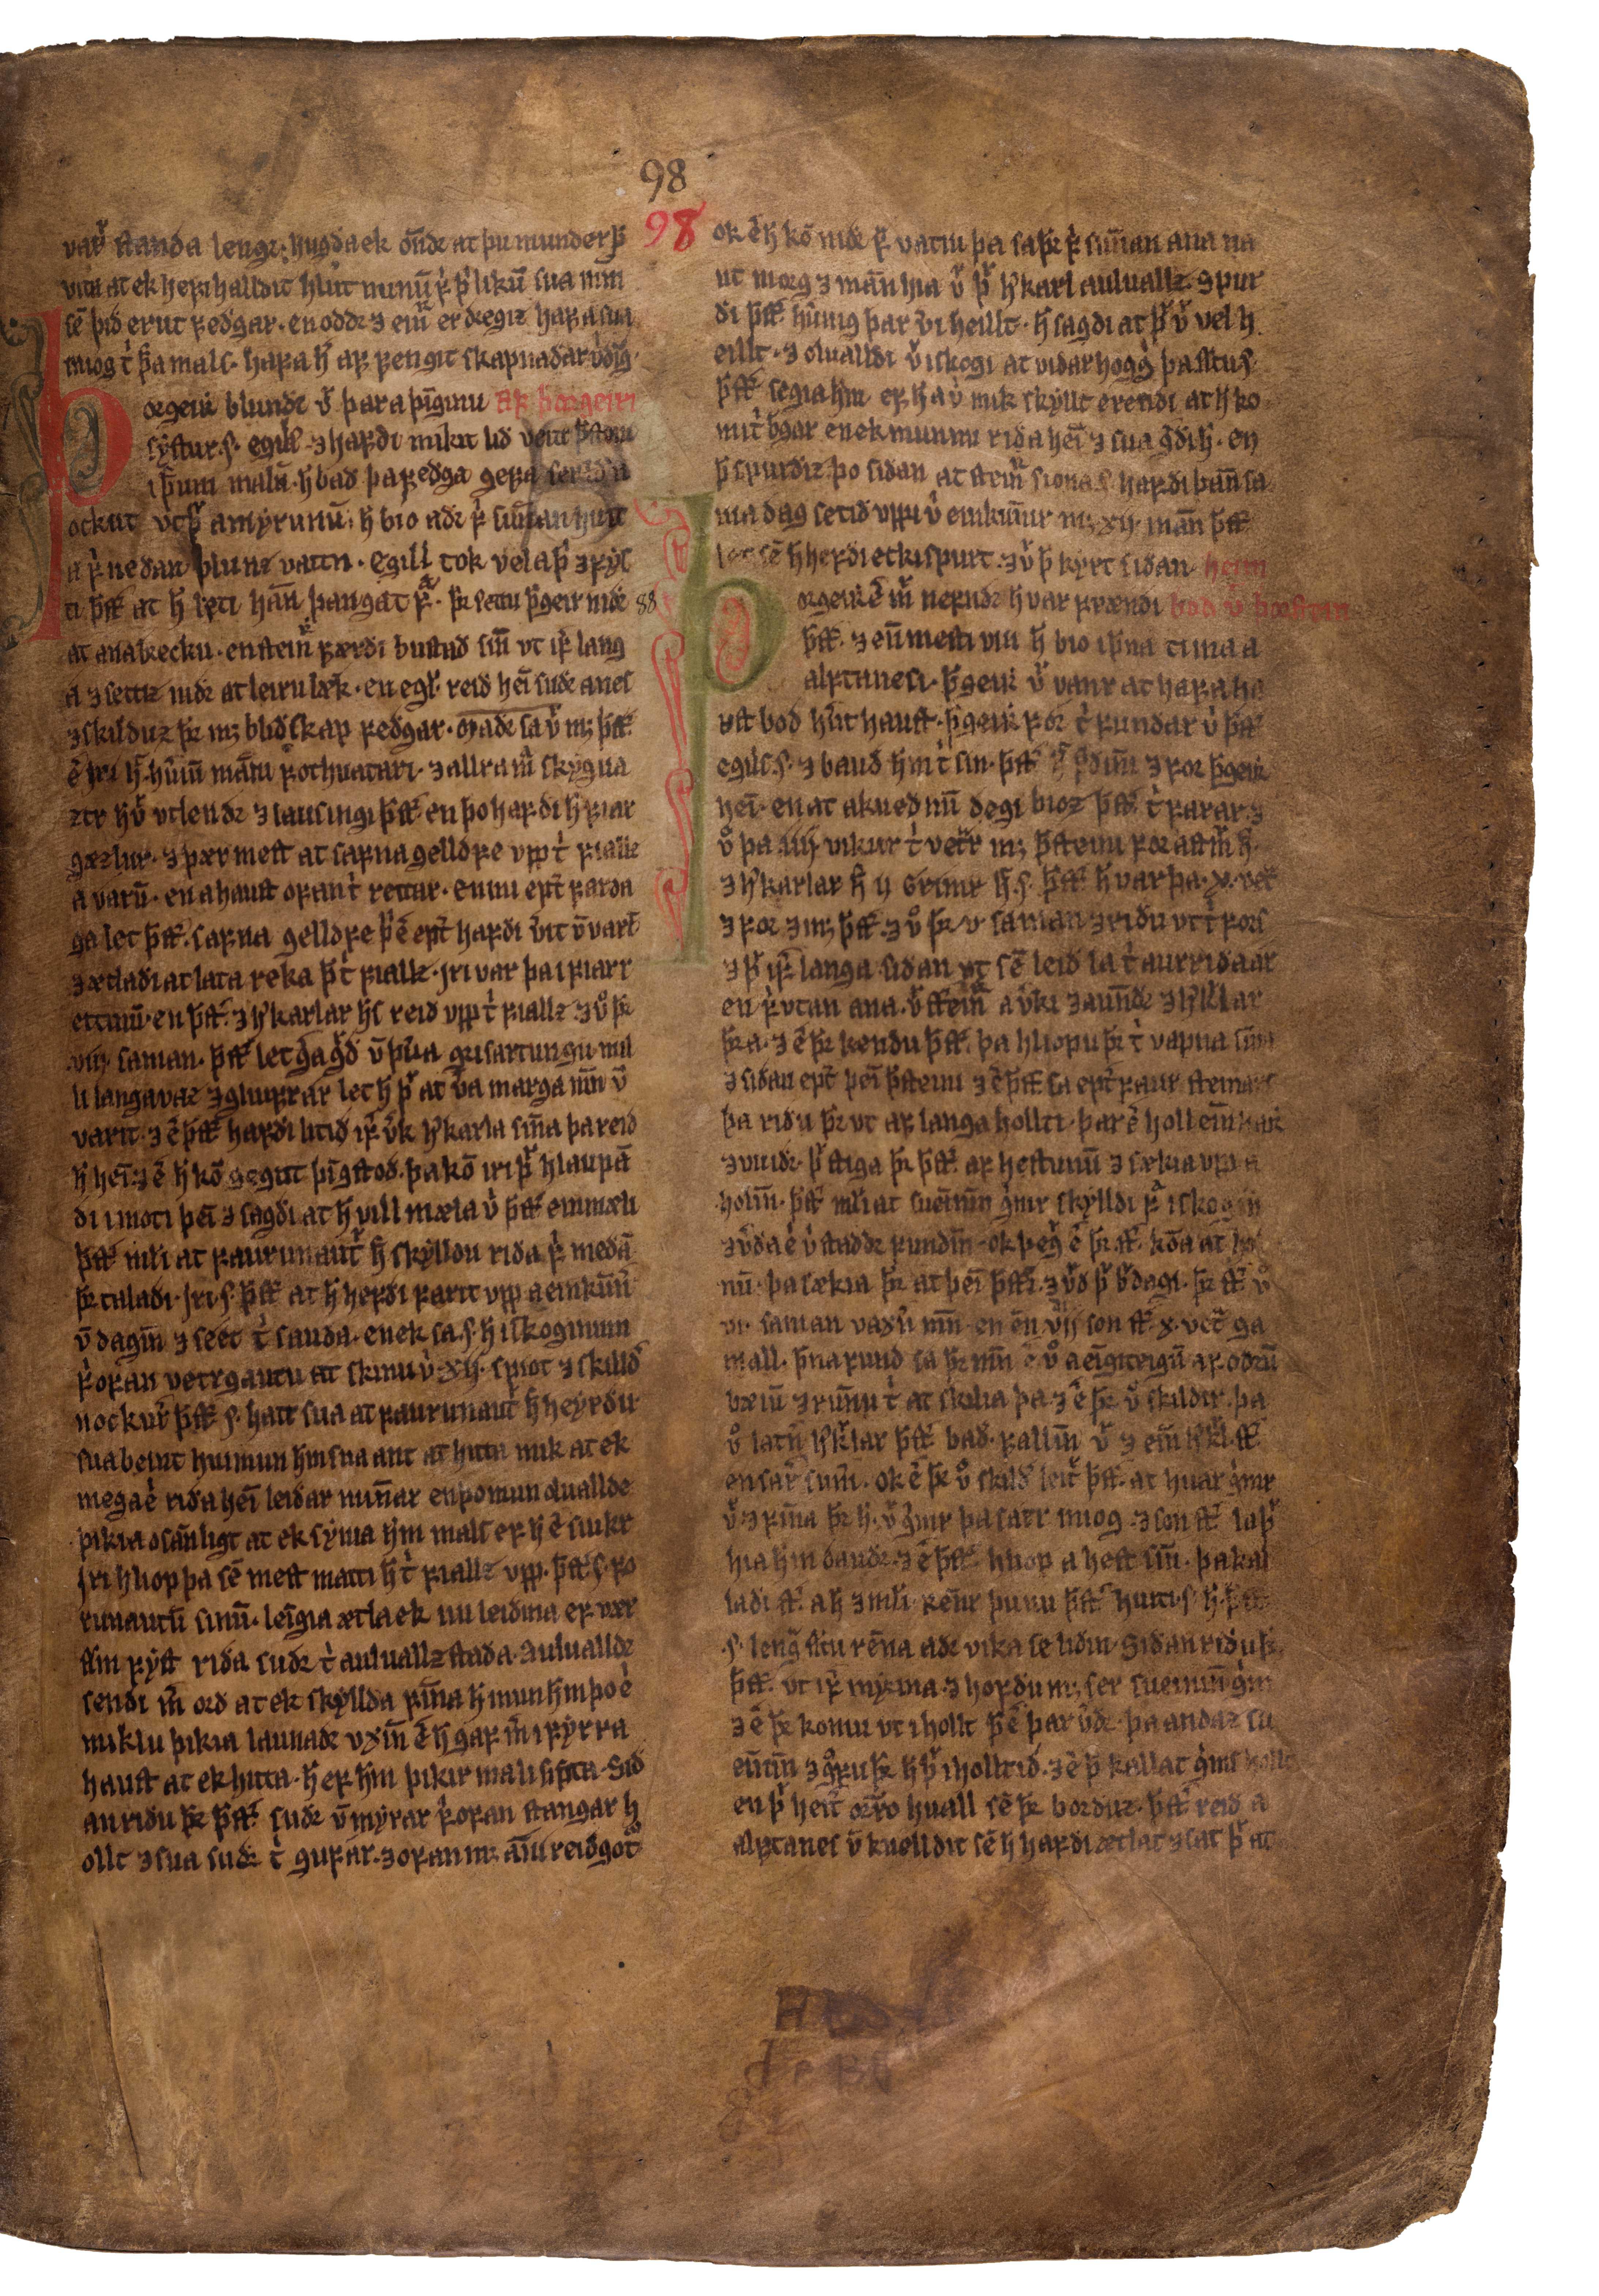 AM 132 fol - 98r